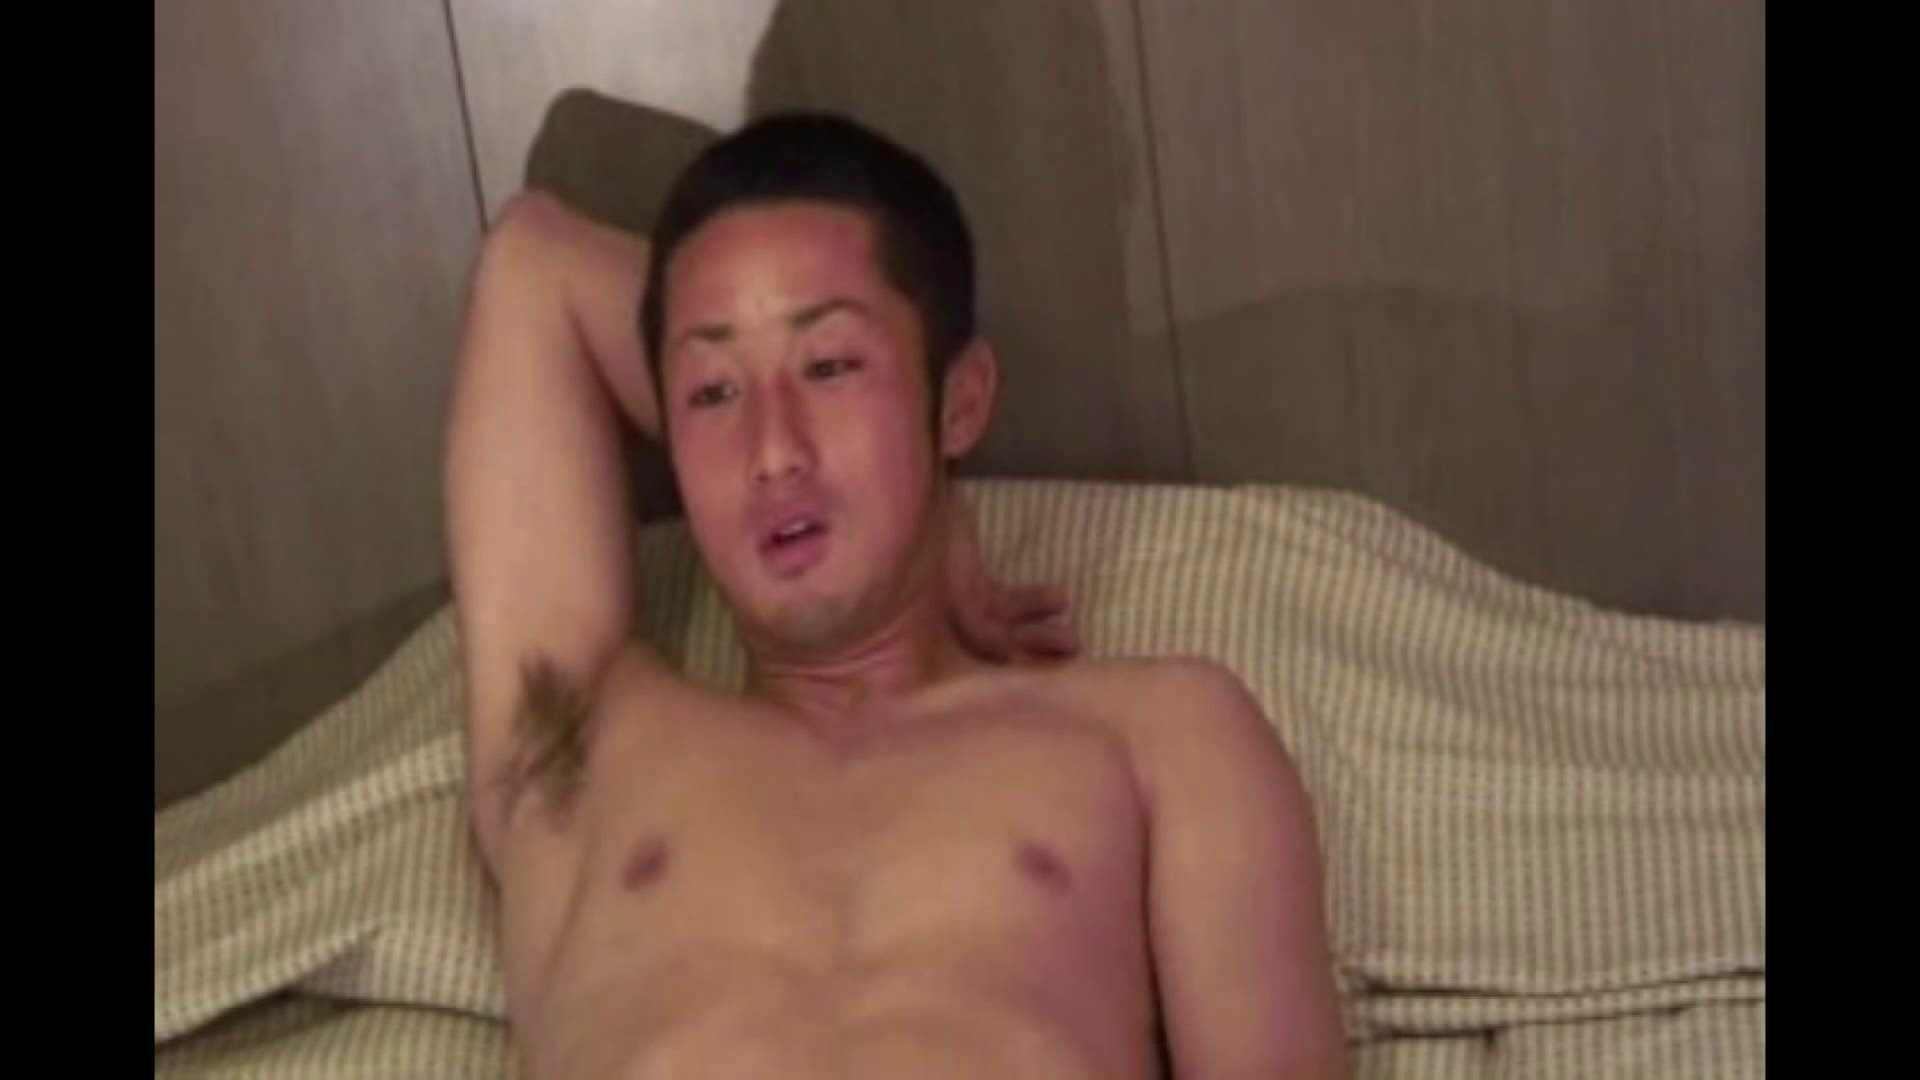 ノンケイケメンの欲望と肉棒 Vol.4 肉   ノンケボーイズ  52pic 28